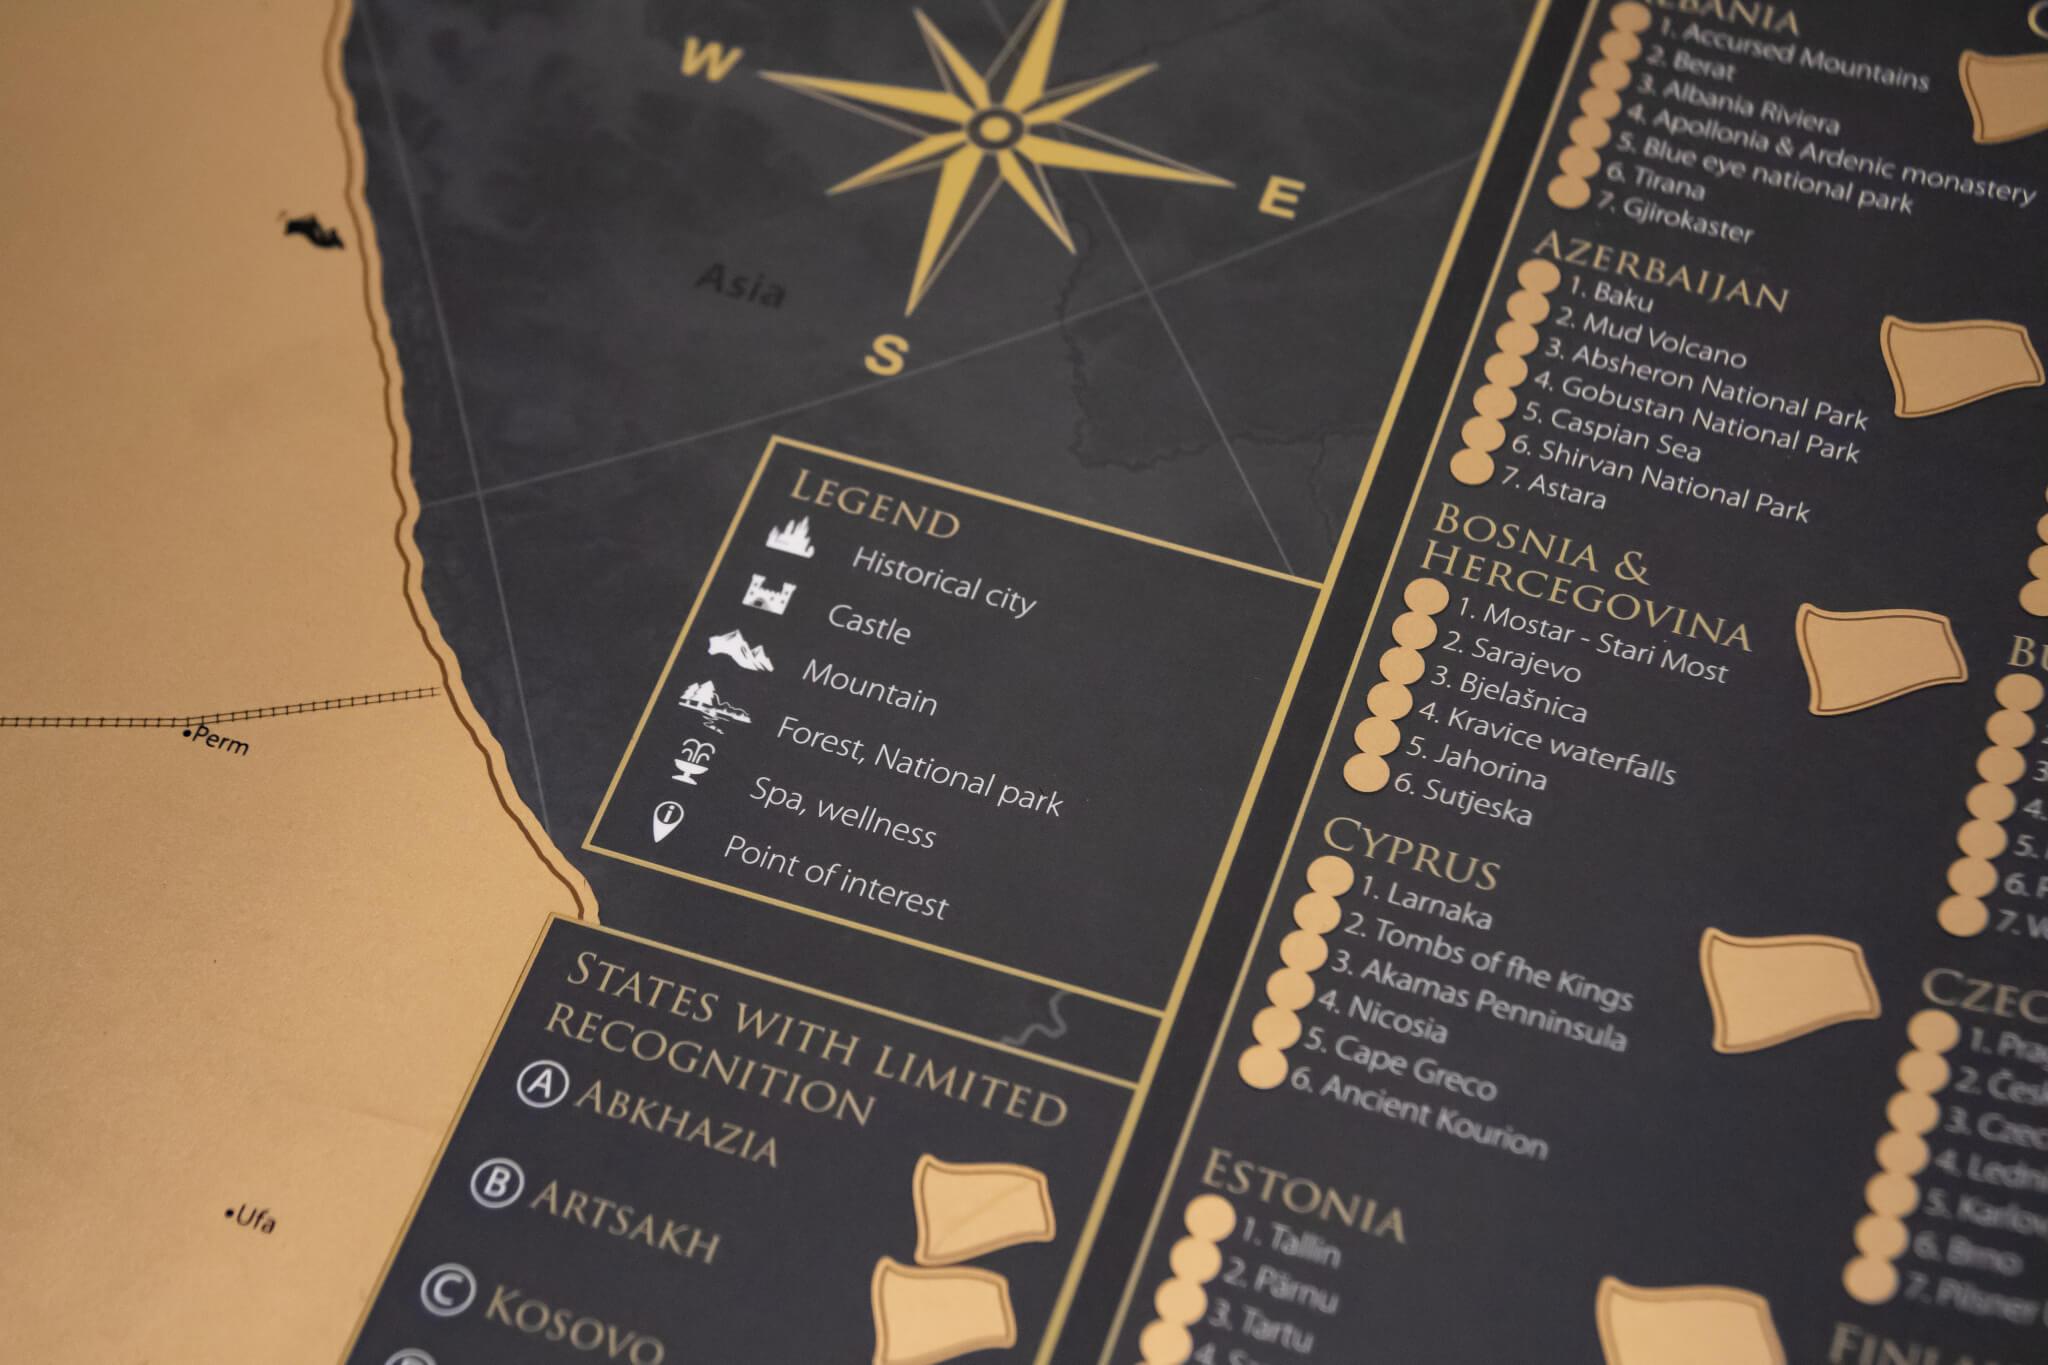 Stírací mapa Evropy - Detail legendy